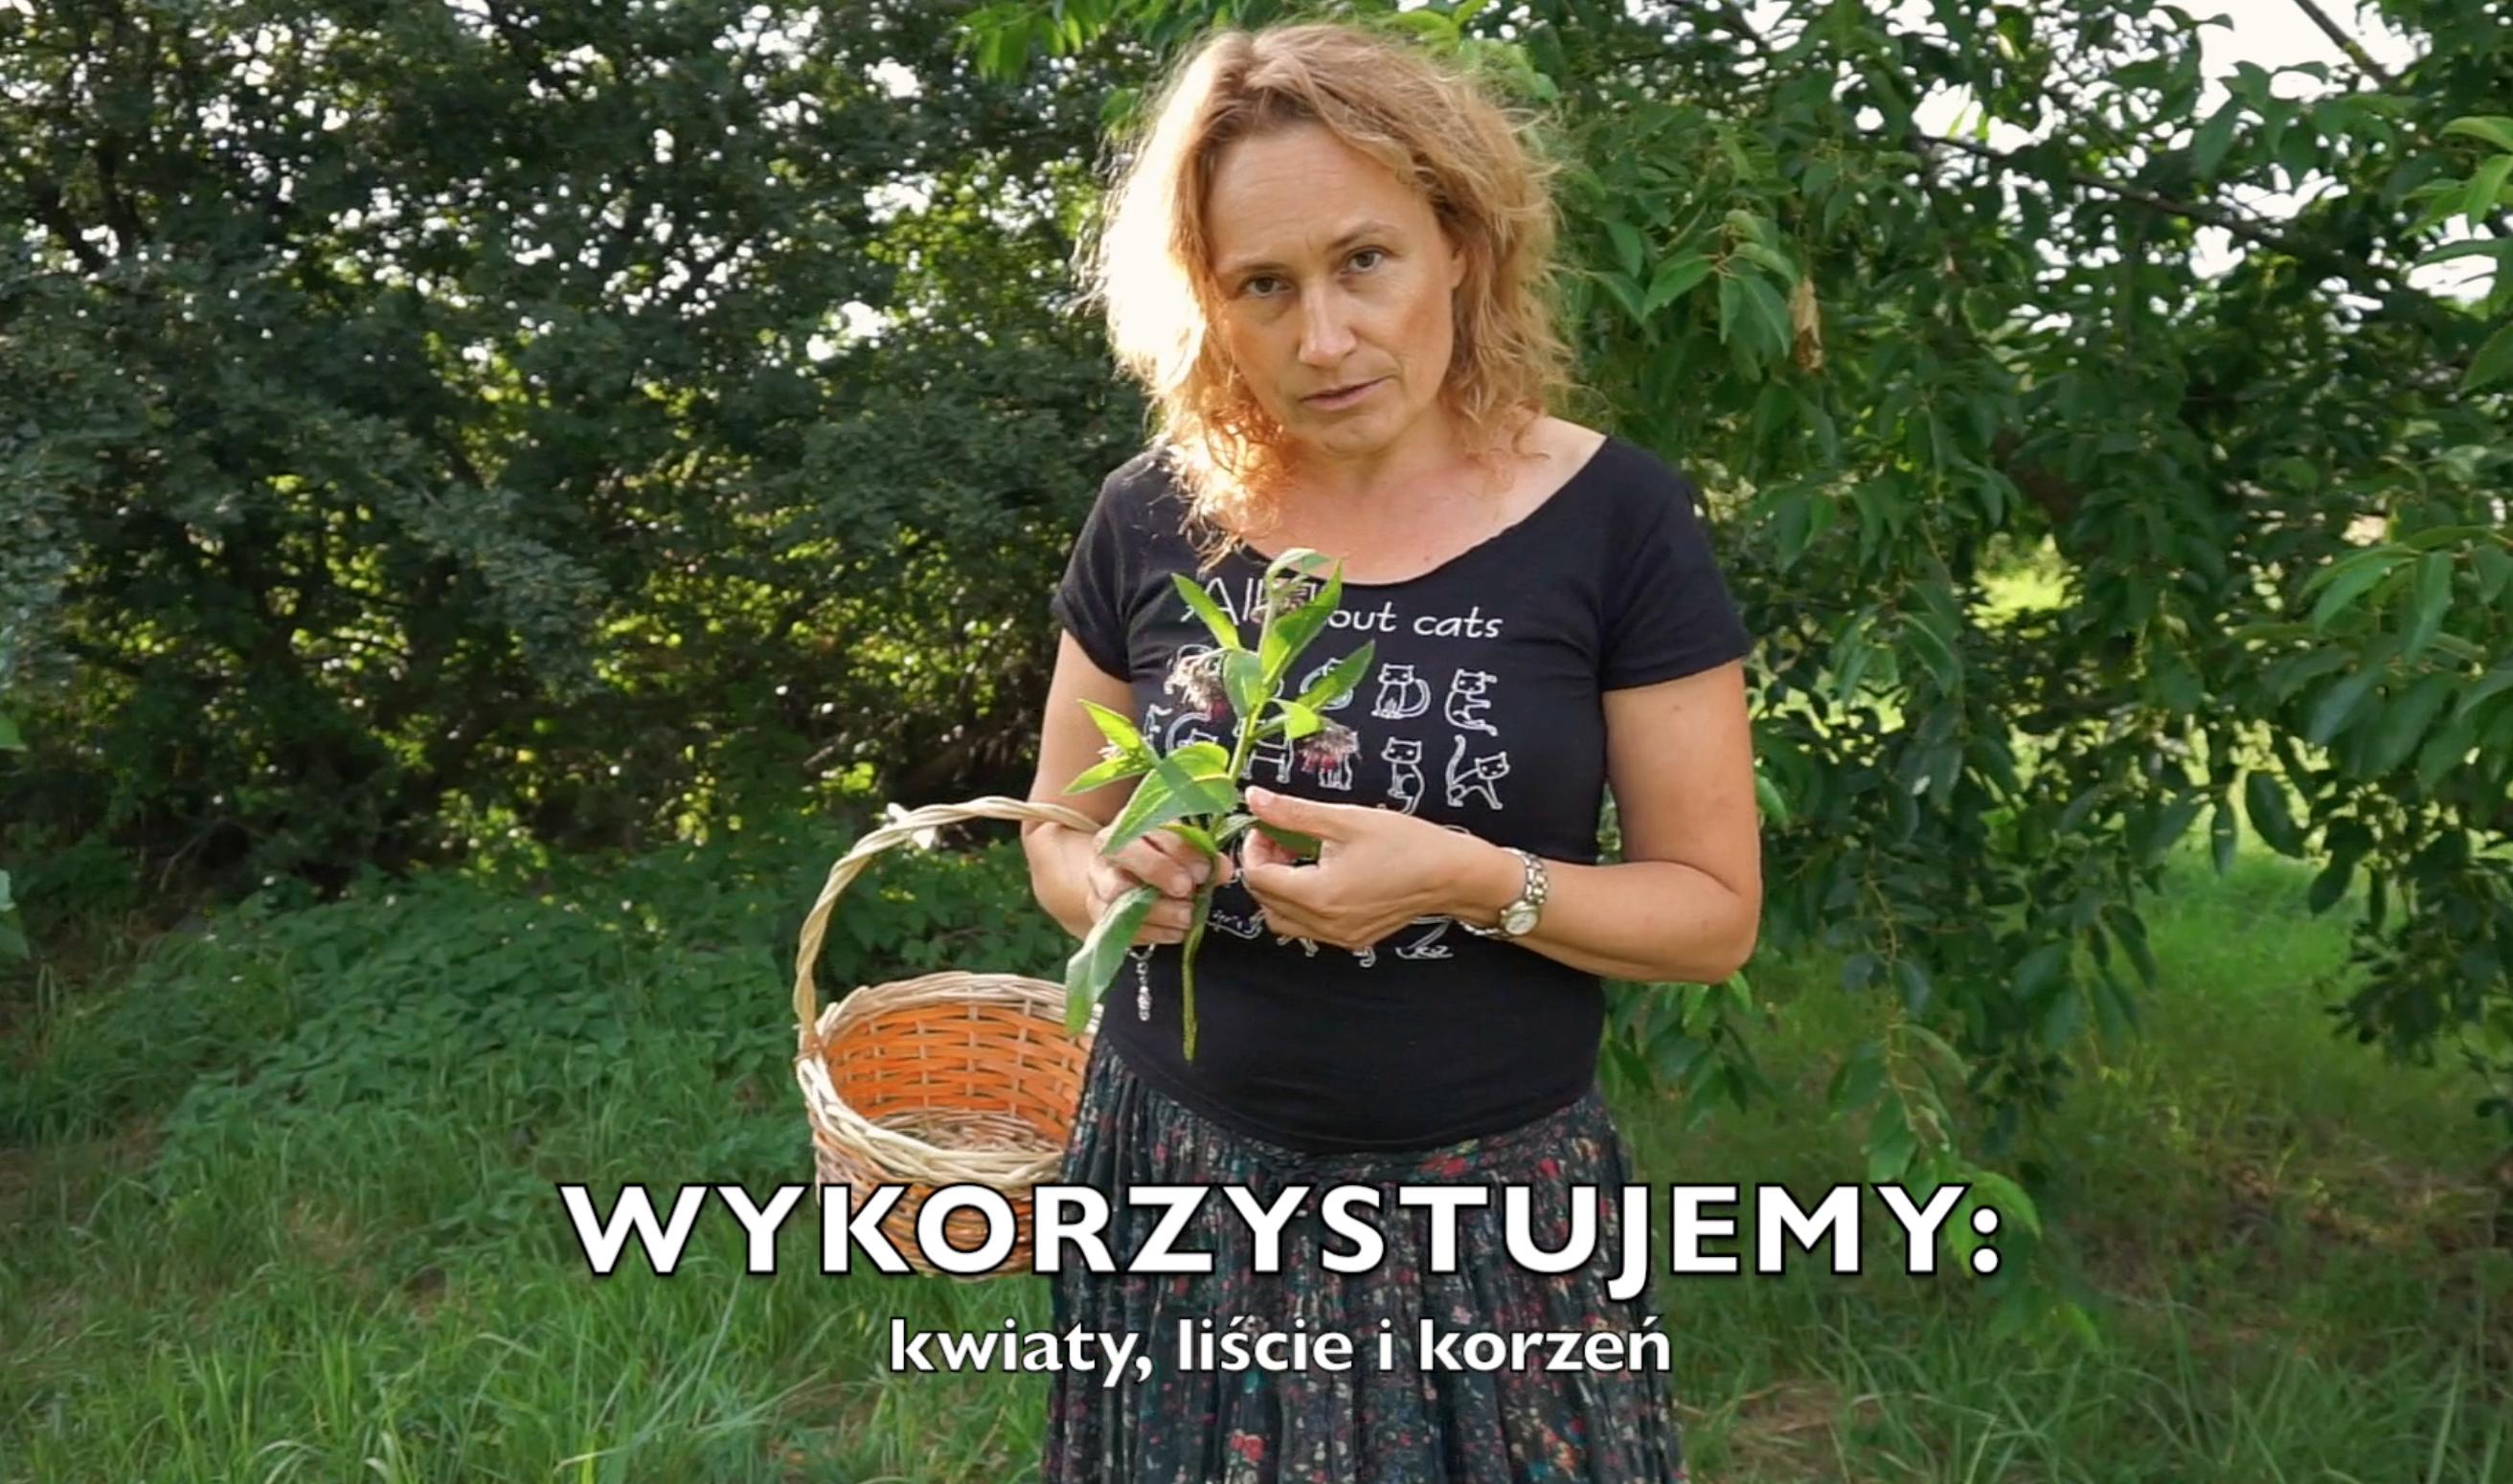 hipoalergiczni-dobre-zioło-żywokost-lekarski-marzena-andrzejewska